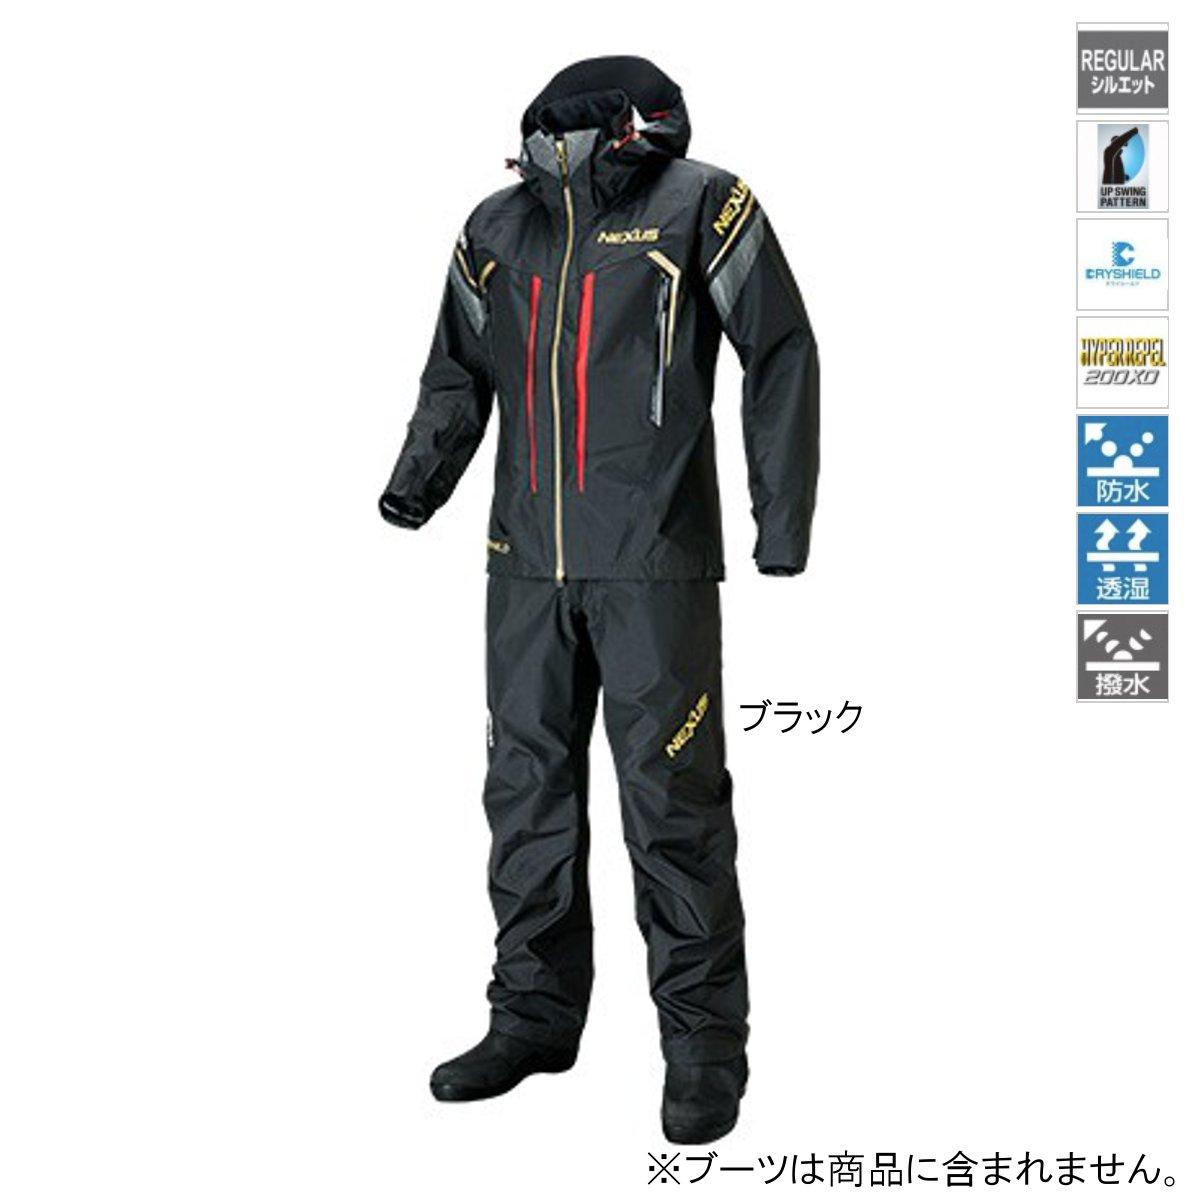 シマノ NEXUS・DS タフレインスーツ RA-124S XL ブラック【送料無料】